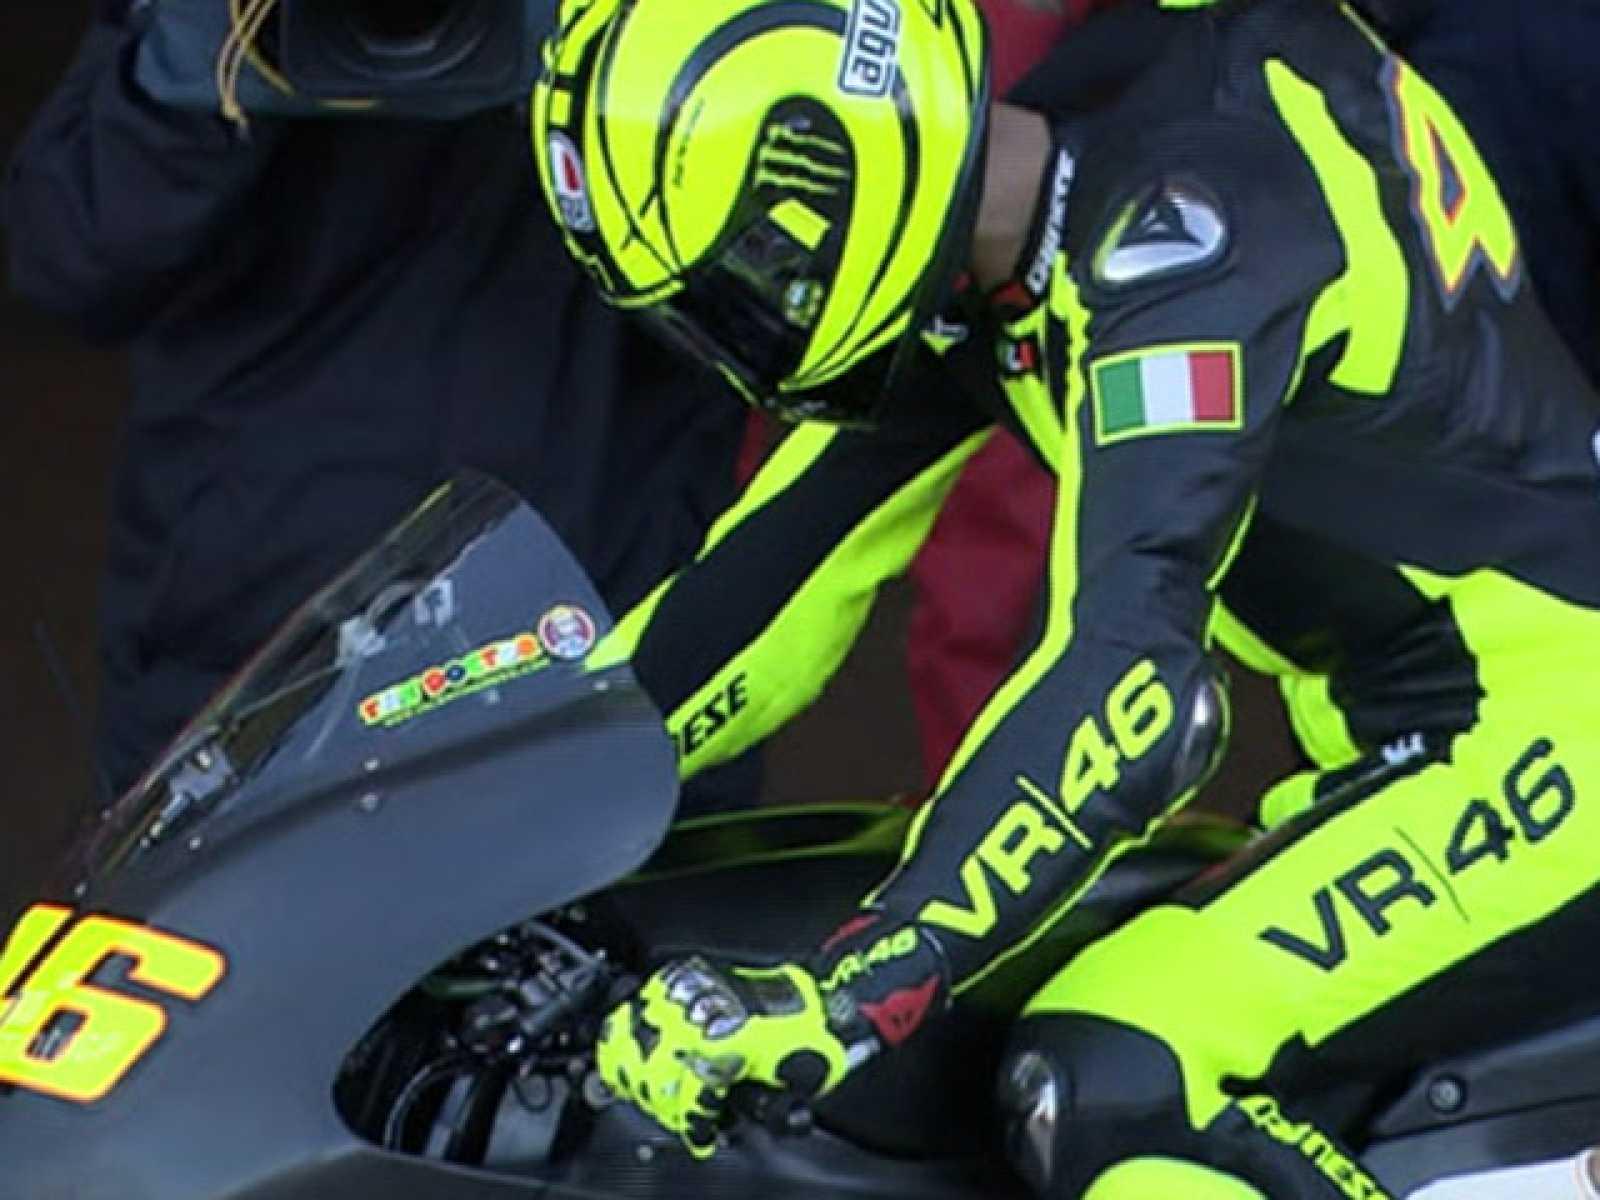 El piloto italiano se ha subido por primera vez a la Ducati Desmosedici con la que competirá a partir del próximo año.